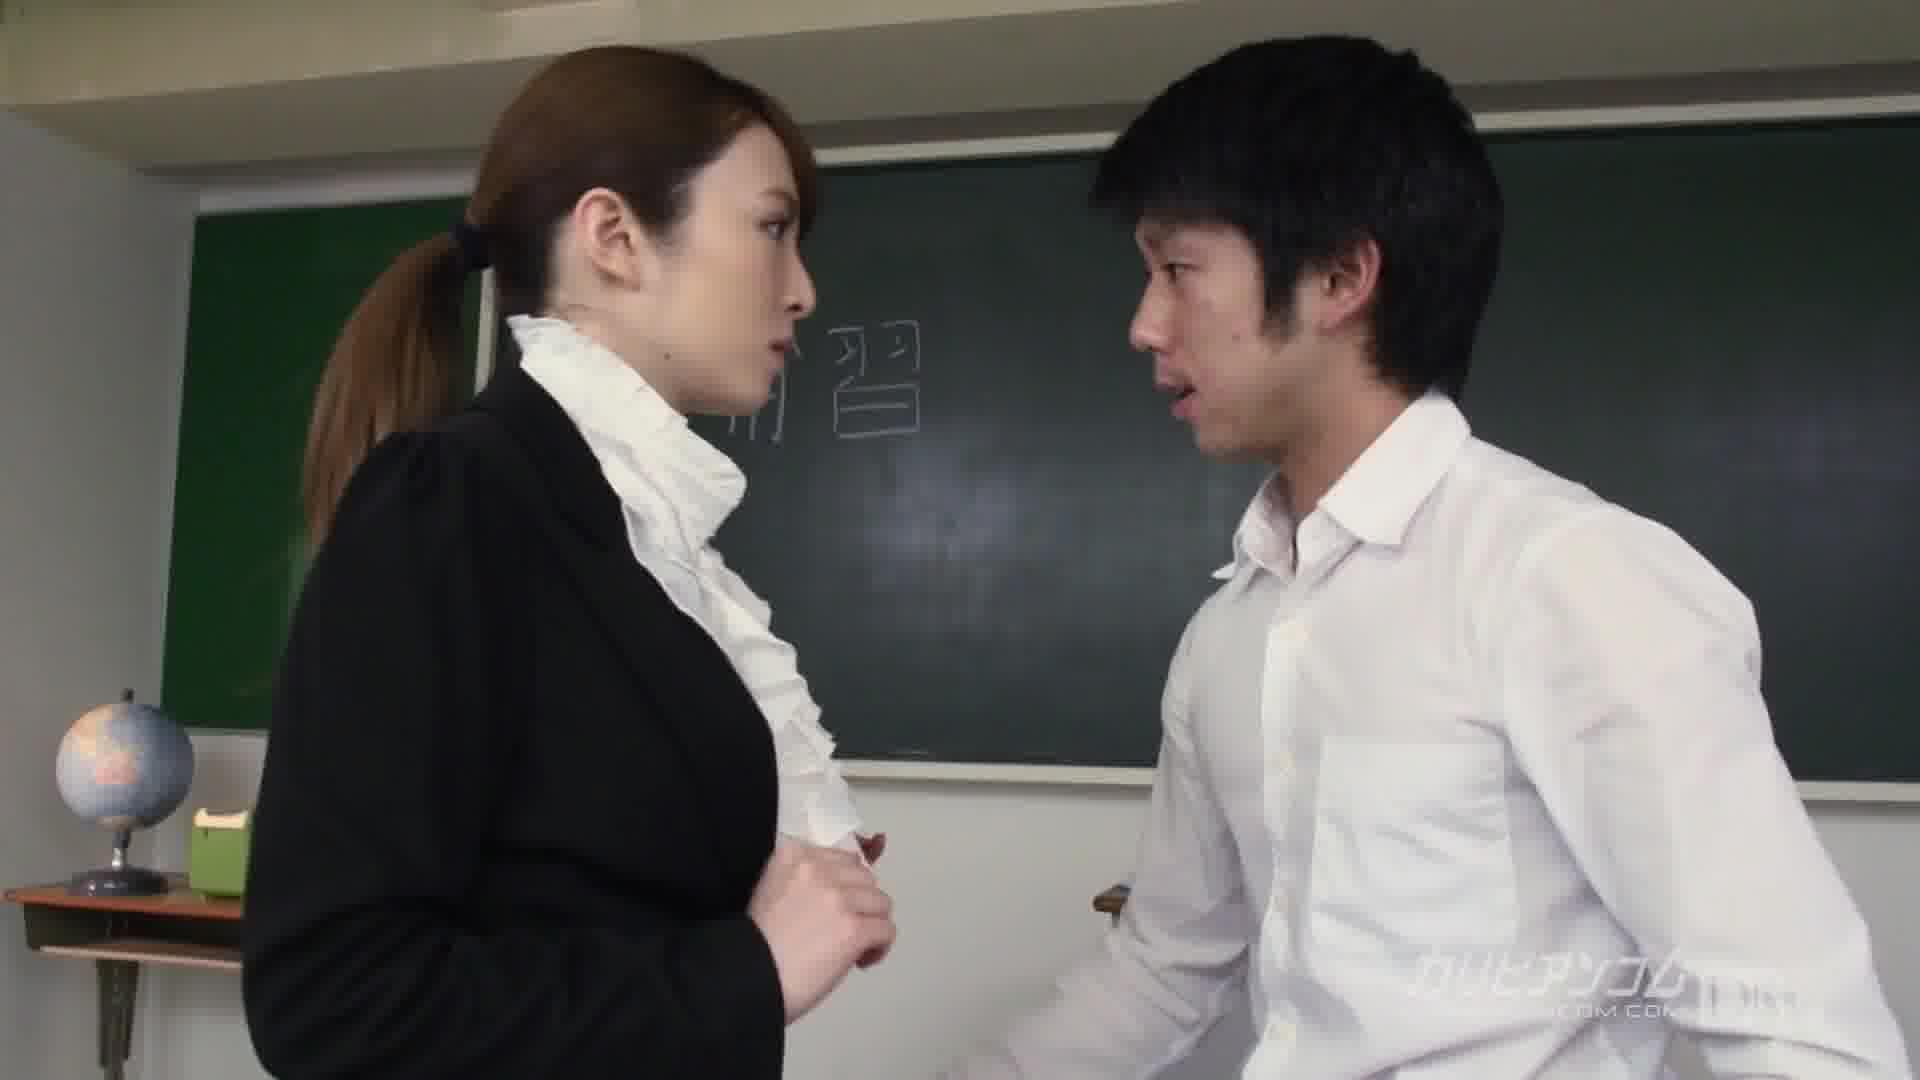 慟哭の女教師 プロローグ ~崩壊のはじまり~ - 大橋未久【女教師・ハード系・イラマチオ】